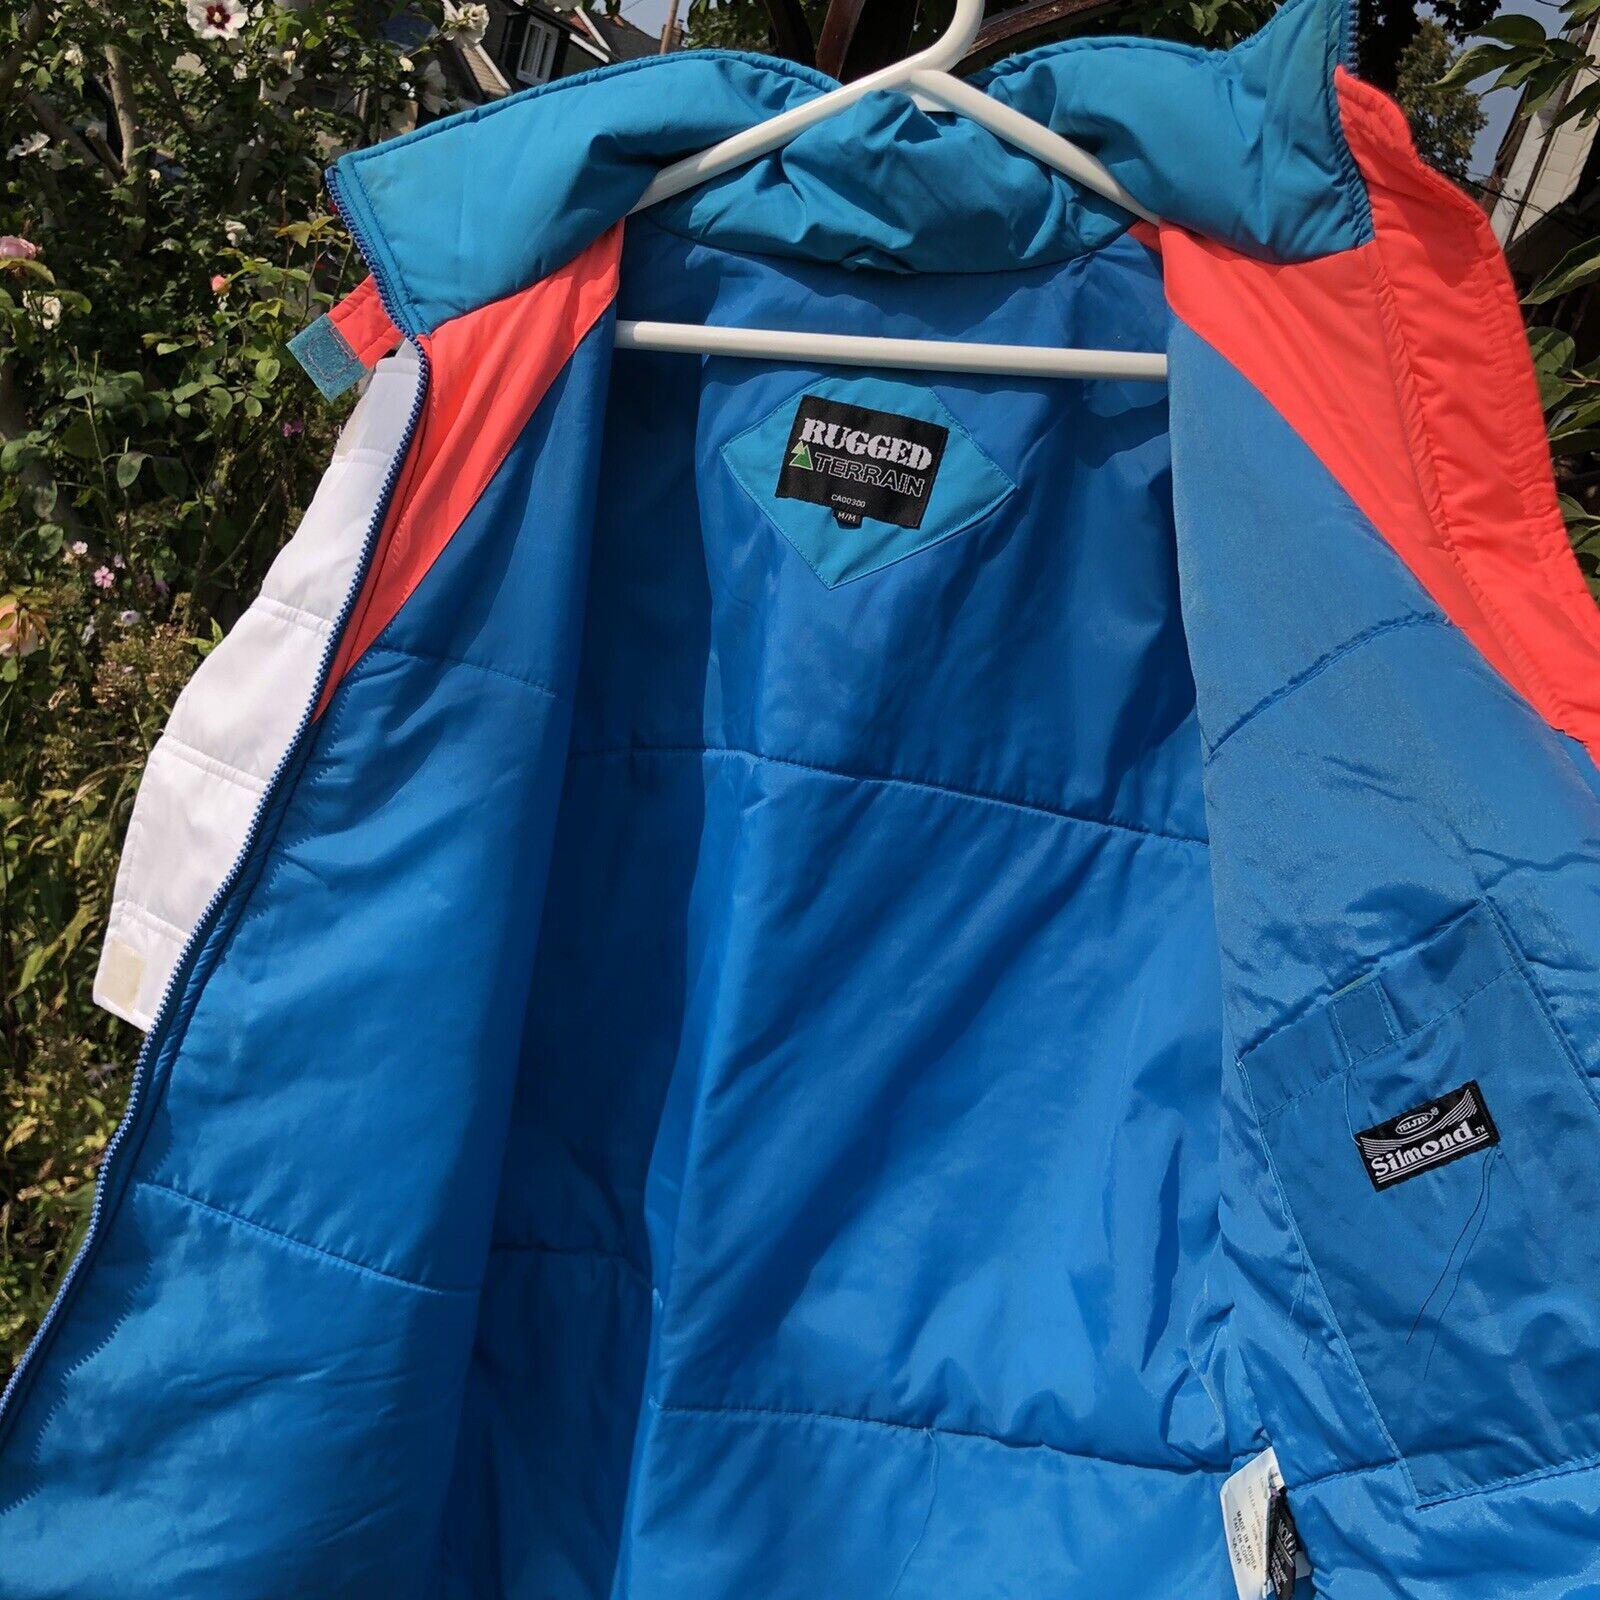 Vintage 90s Ski Multi-color Color Block Jacket Co… - image 8